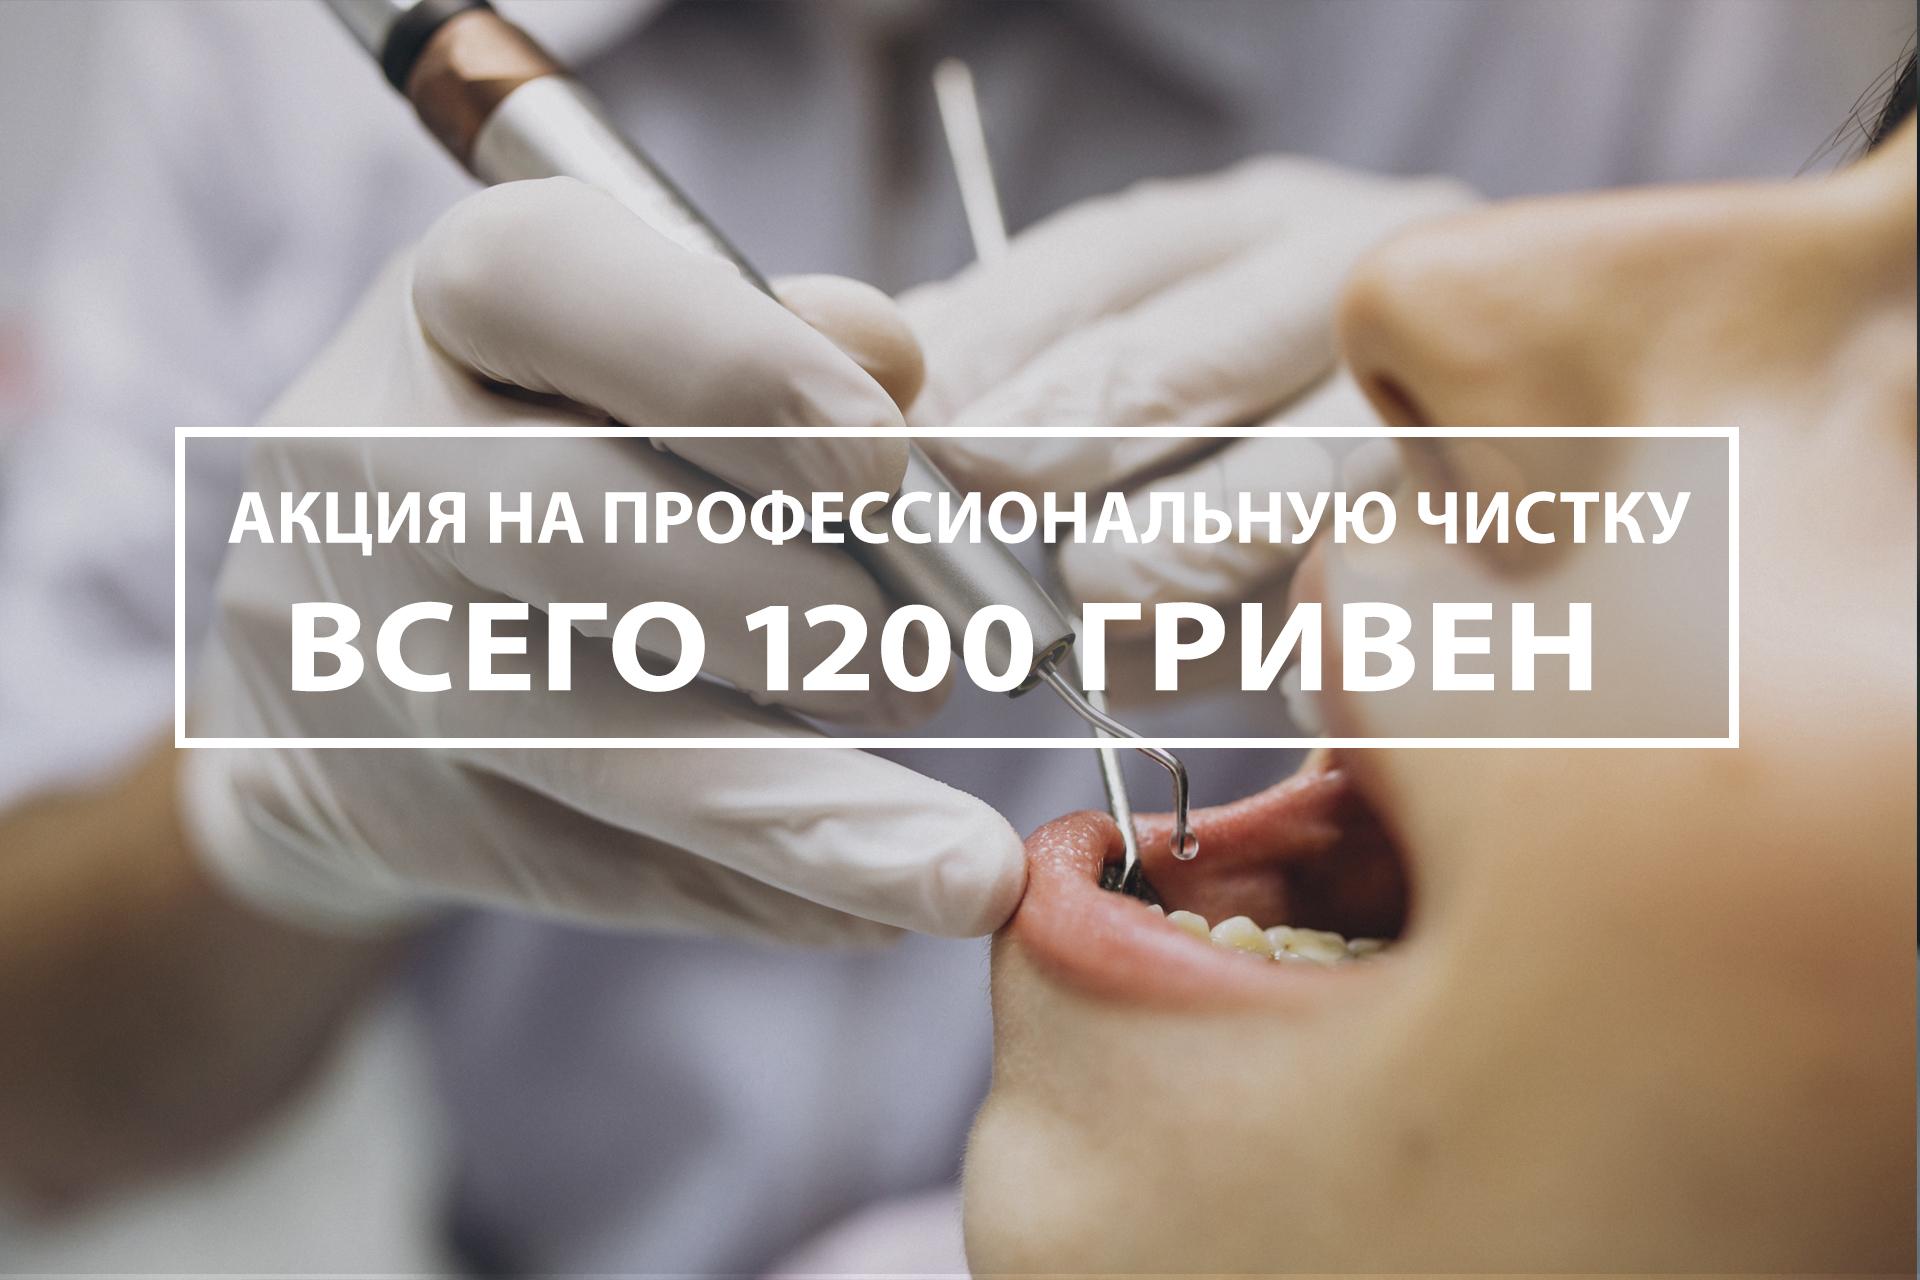 чистка зубов киев акция